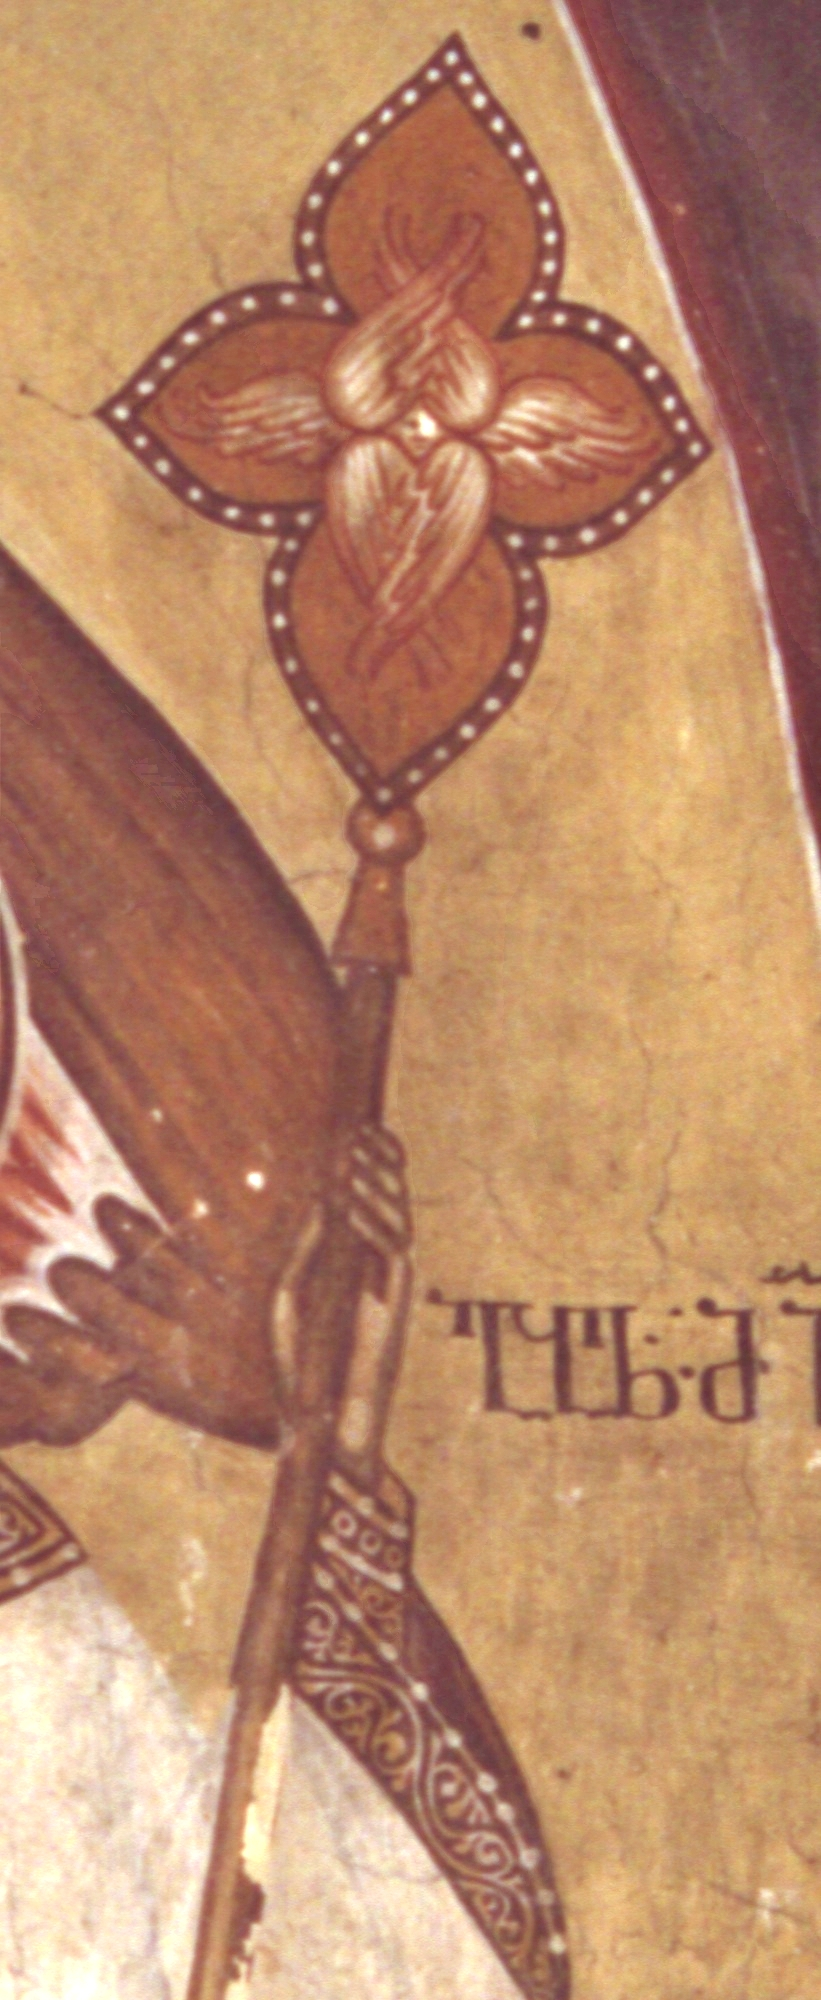 Ангел-диакон. Фреска XIV века в церкви Св. Георгия в Убиси, Грузия. Иконописец Герасиме. Фрагмент - рипида.